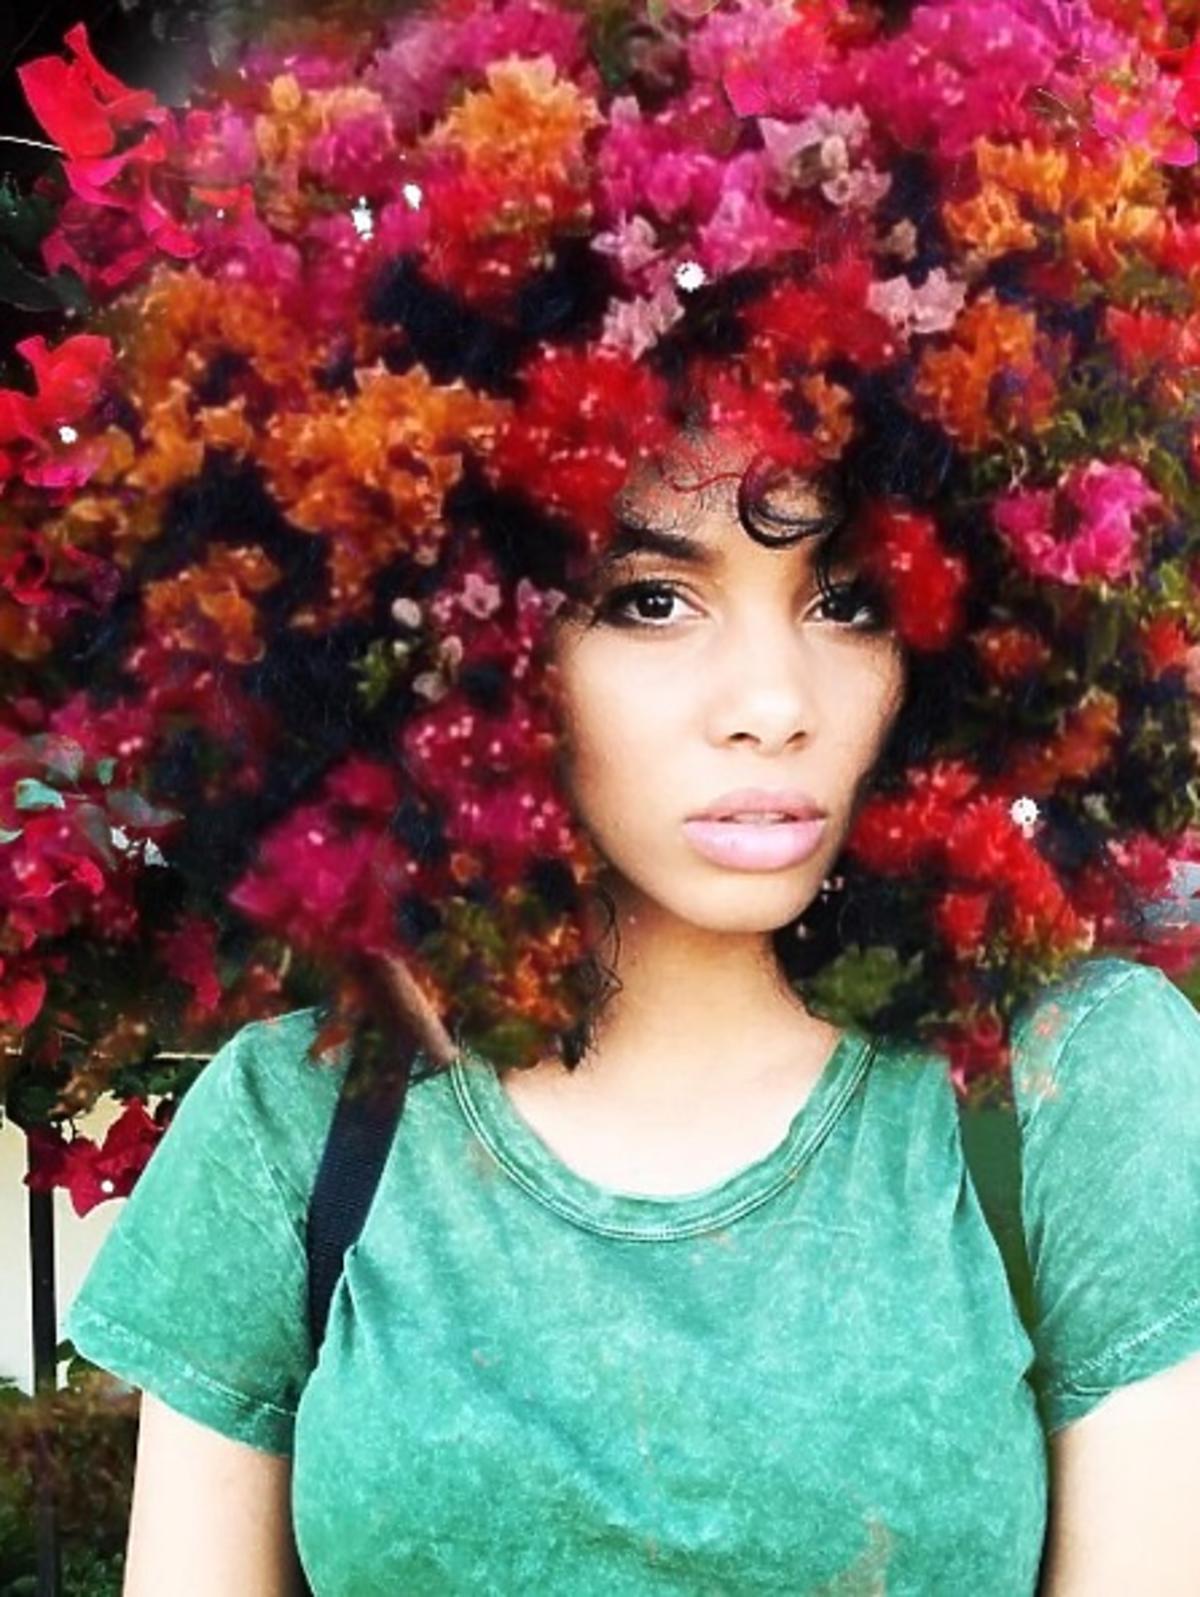 Piękne portrety czarnoskórych kobiet z kwiecistymi galaktykami na włosach